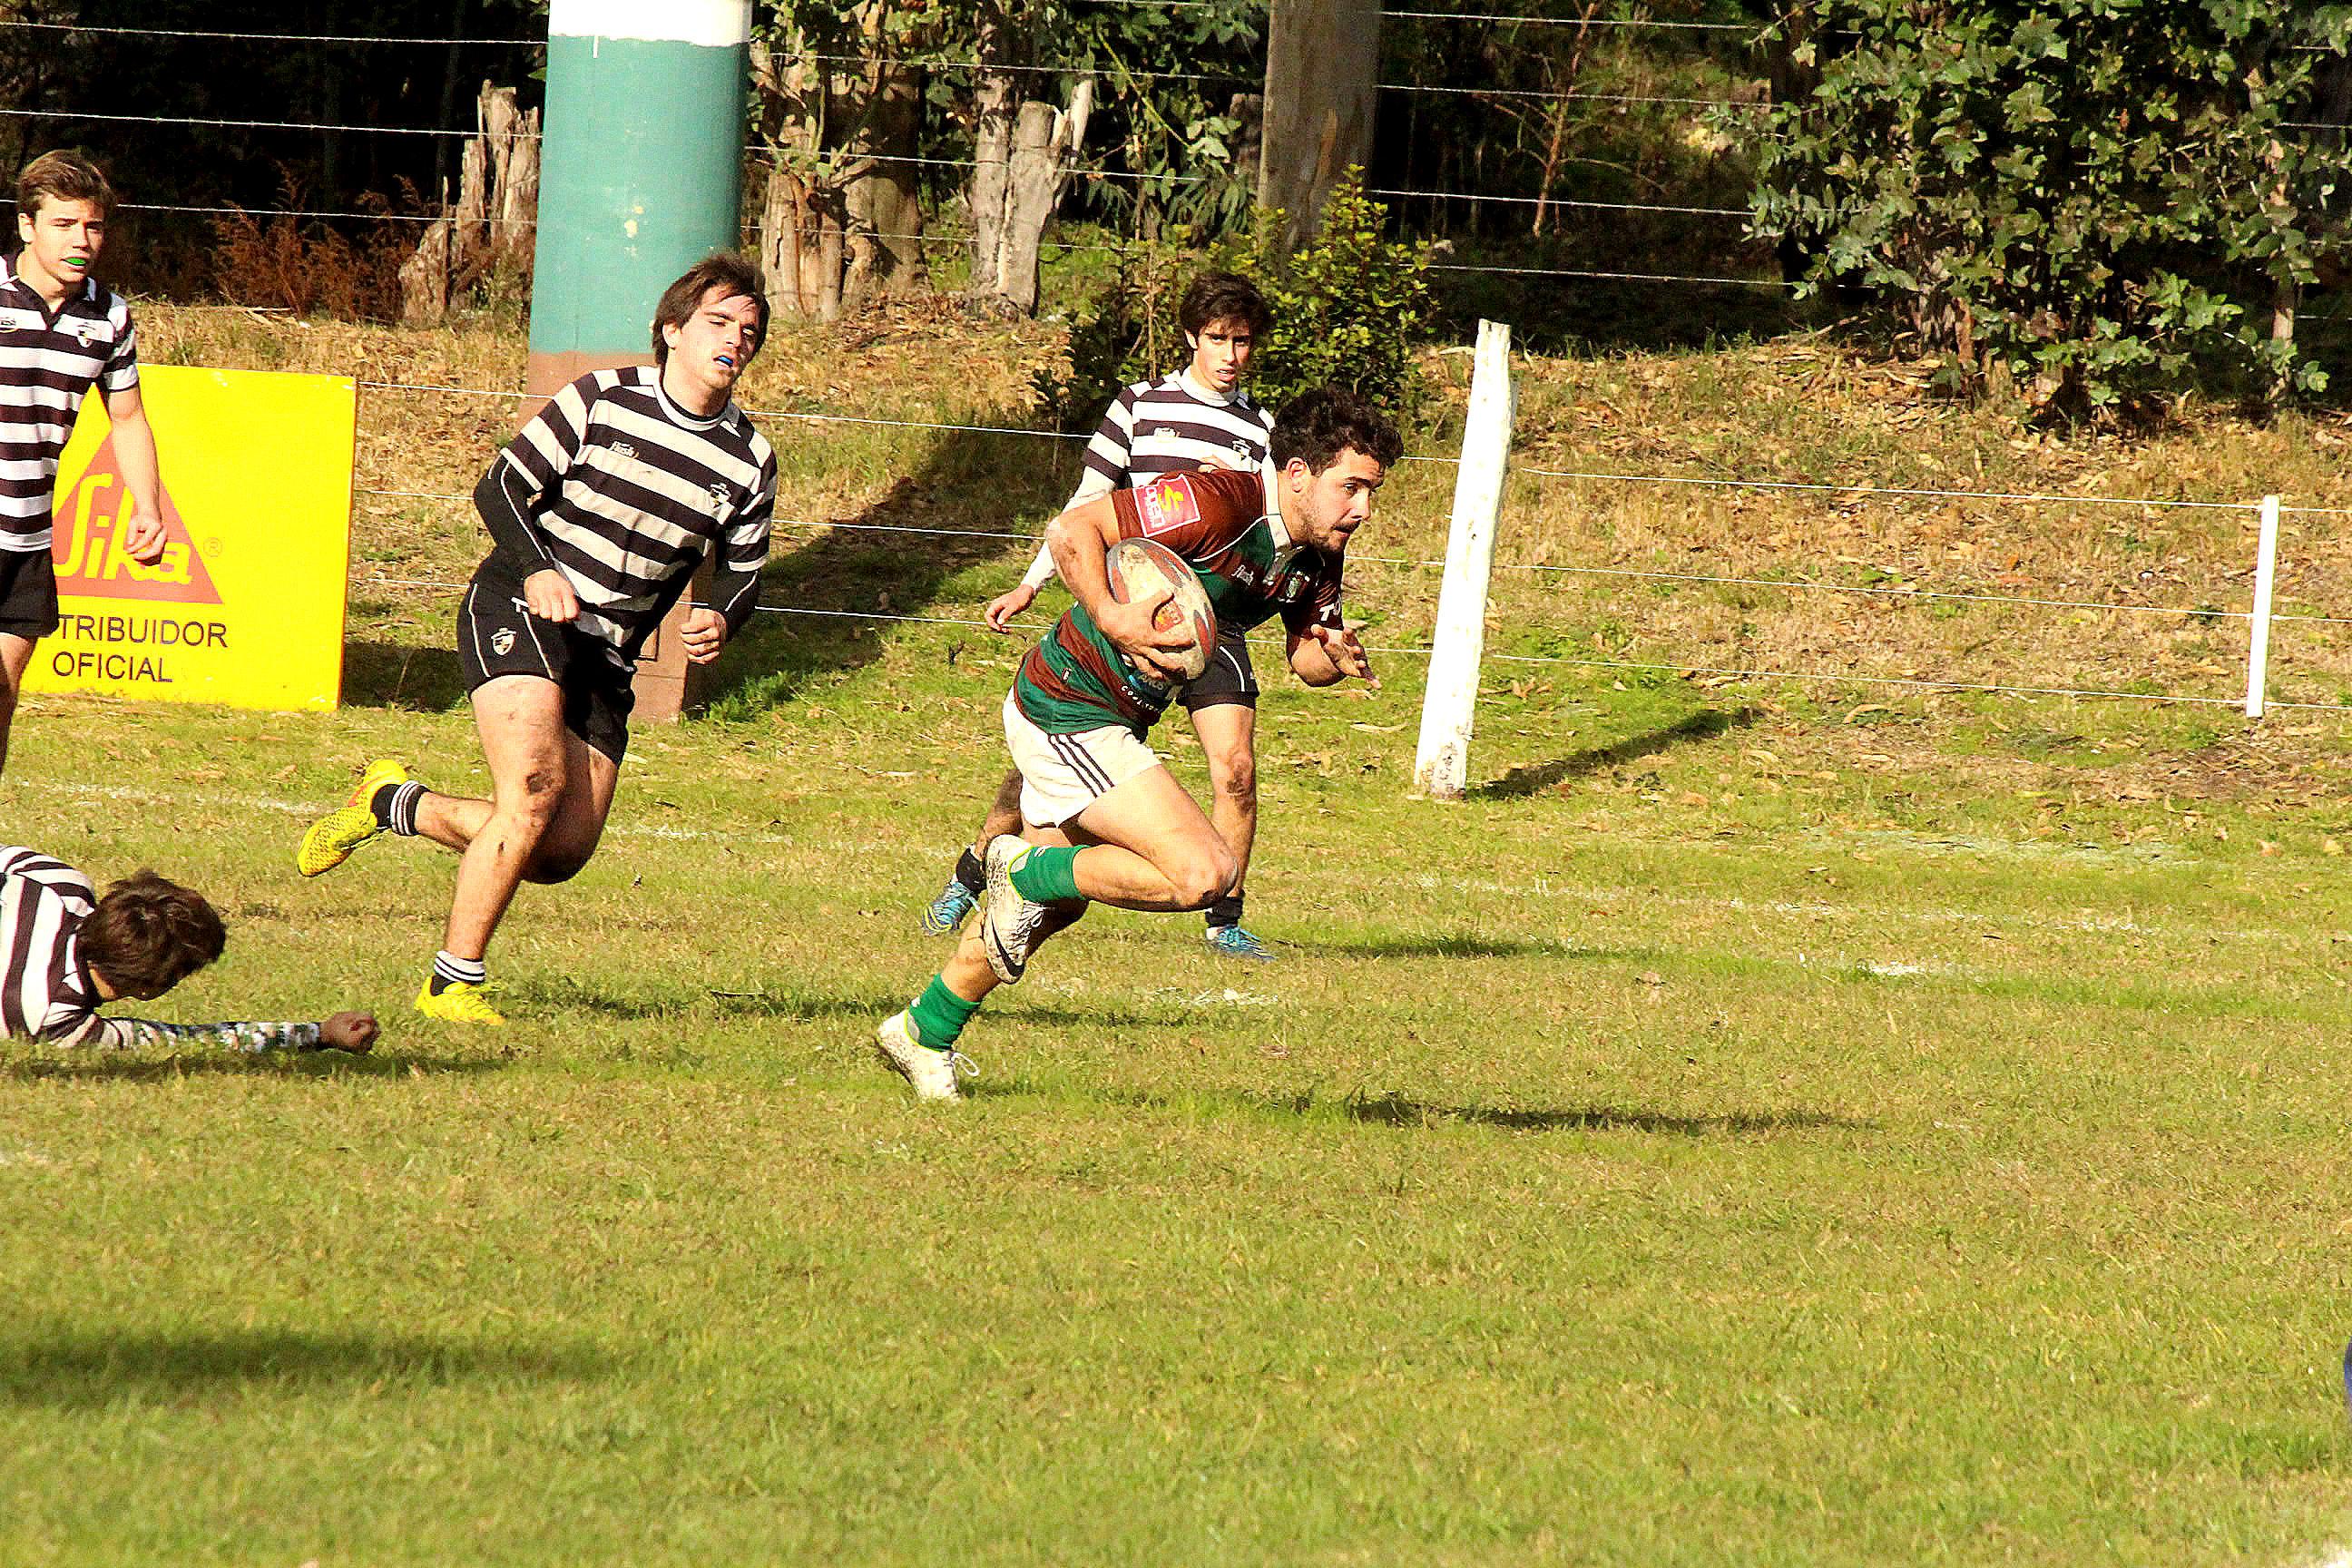 Mar del Plata Club y Sporting fue uno de los partidos destacados de la segunda jornada. (Foto: Prensa URMDP)